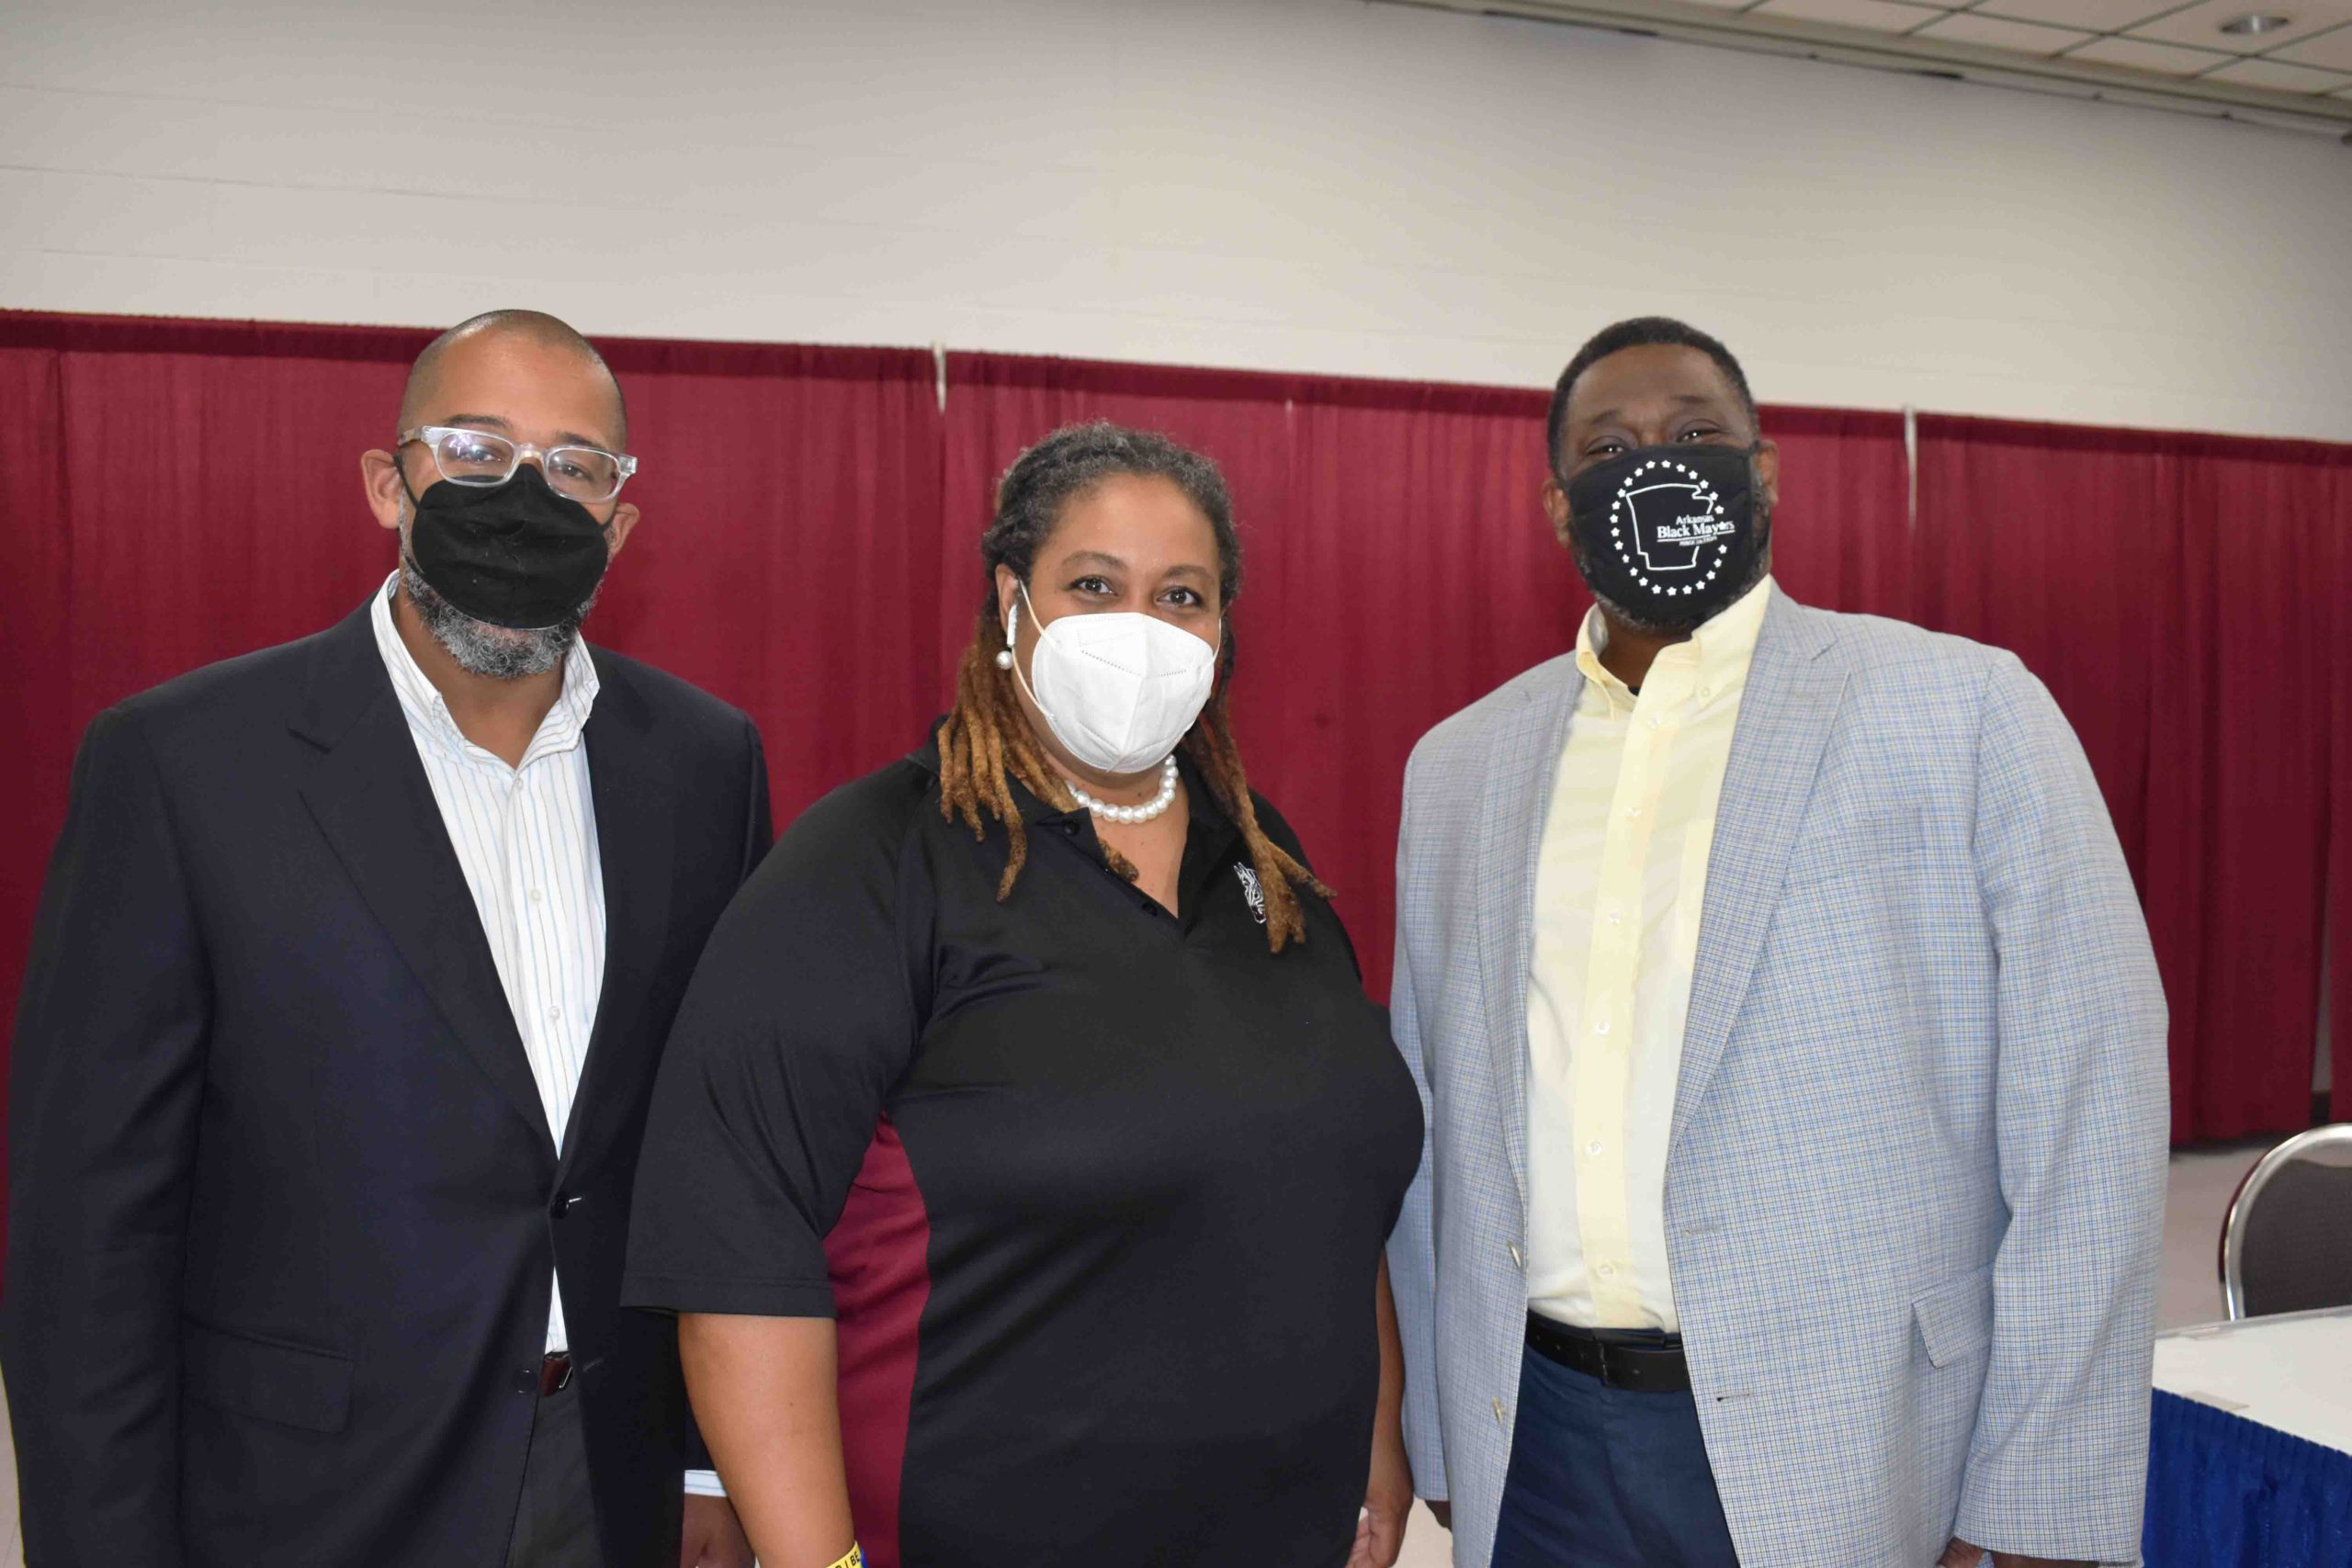 Urban League Executive Director, Scott Hamilton, Kymara Seals, Camden Mayor Julian Lott